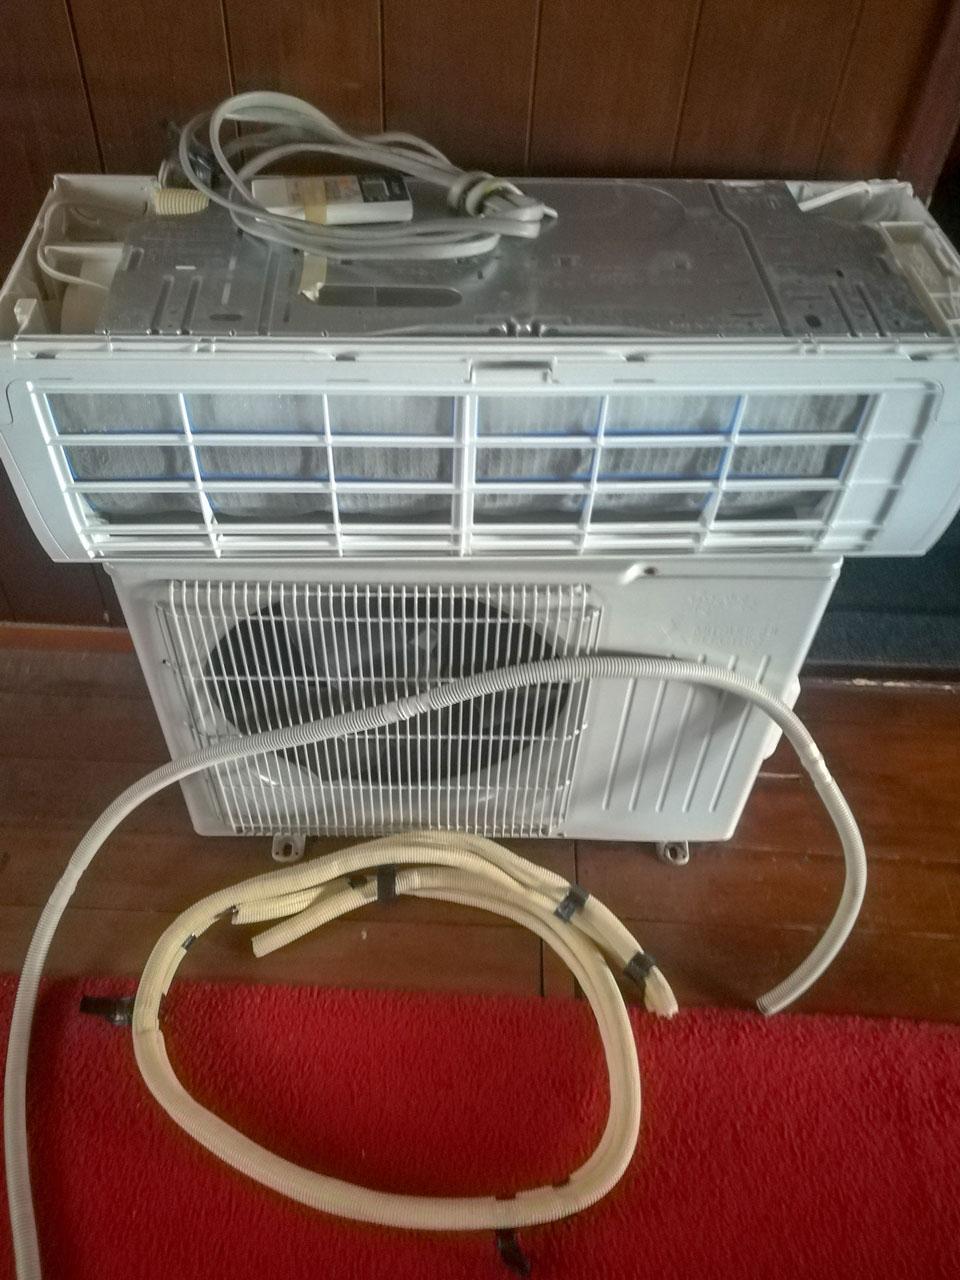 素人でも、10分でできる家庭用エアコンの取り外し方